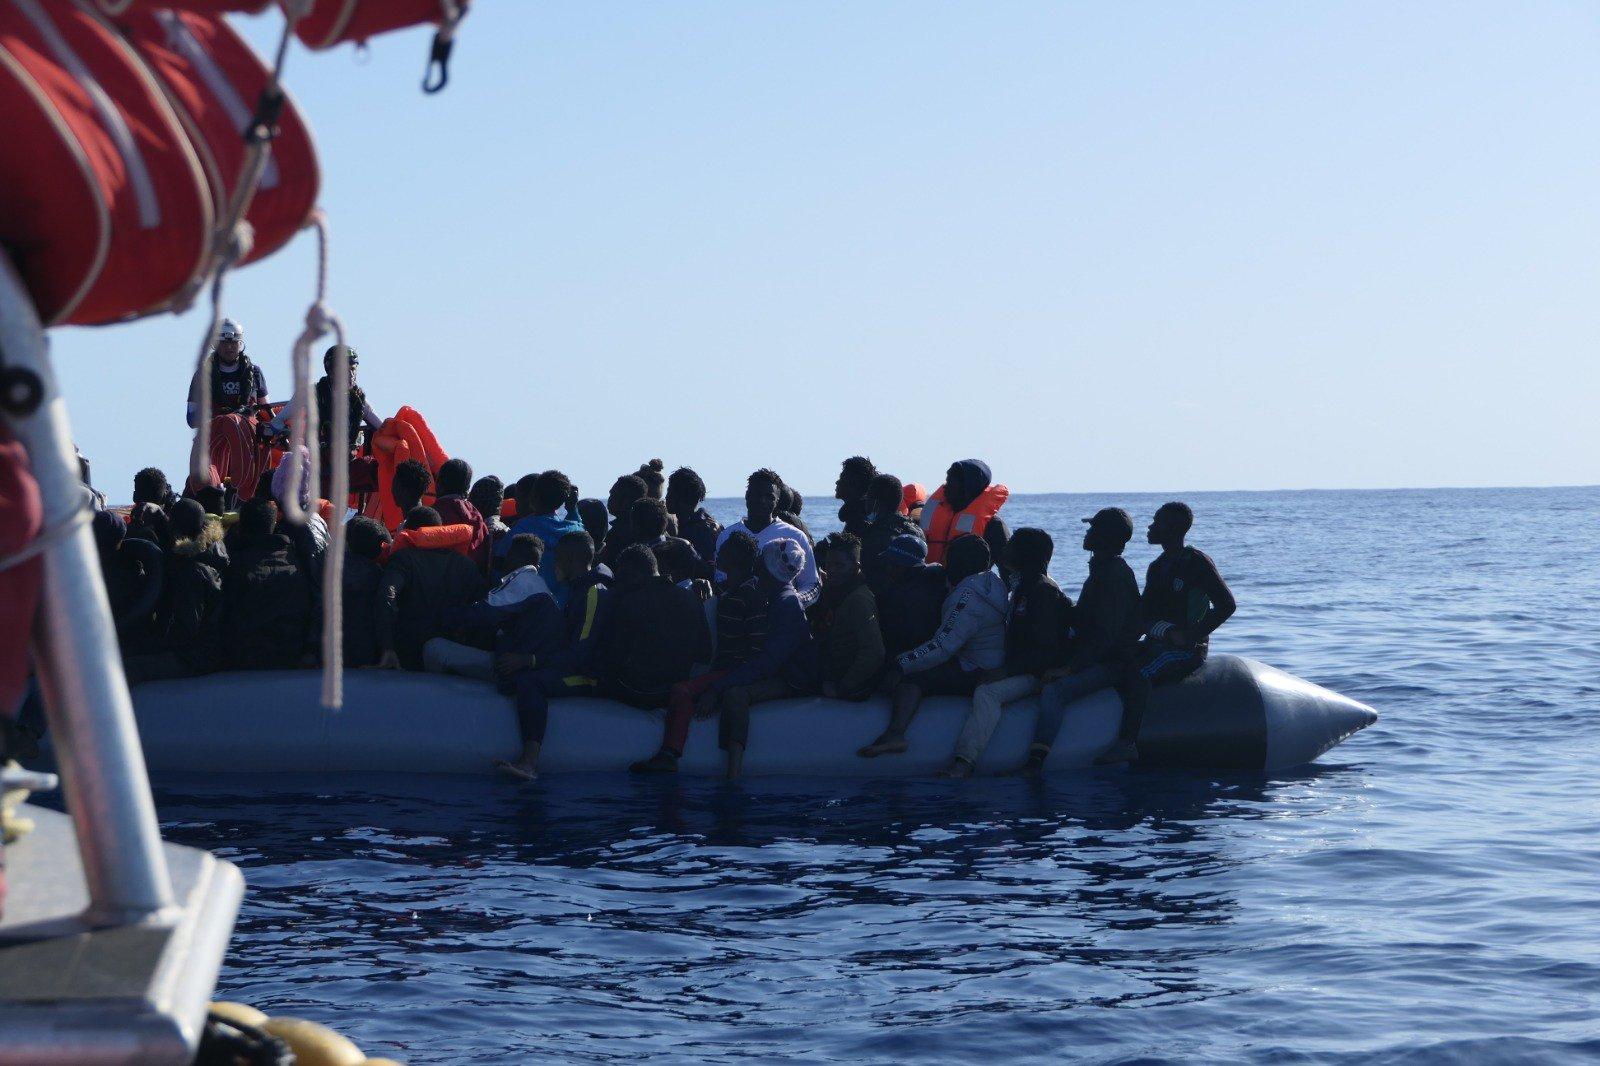 Invaze nekončí, ke břehům Sicílie právě míří loď s 422 Afričany na palubě